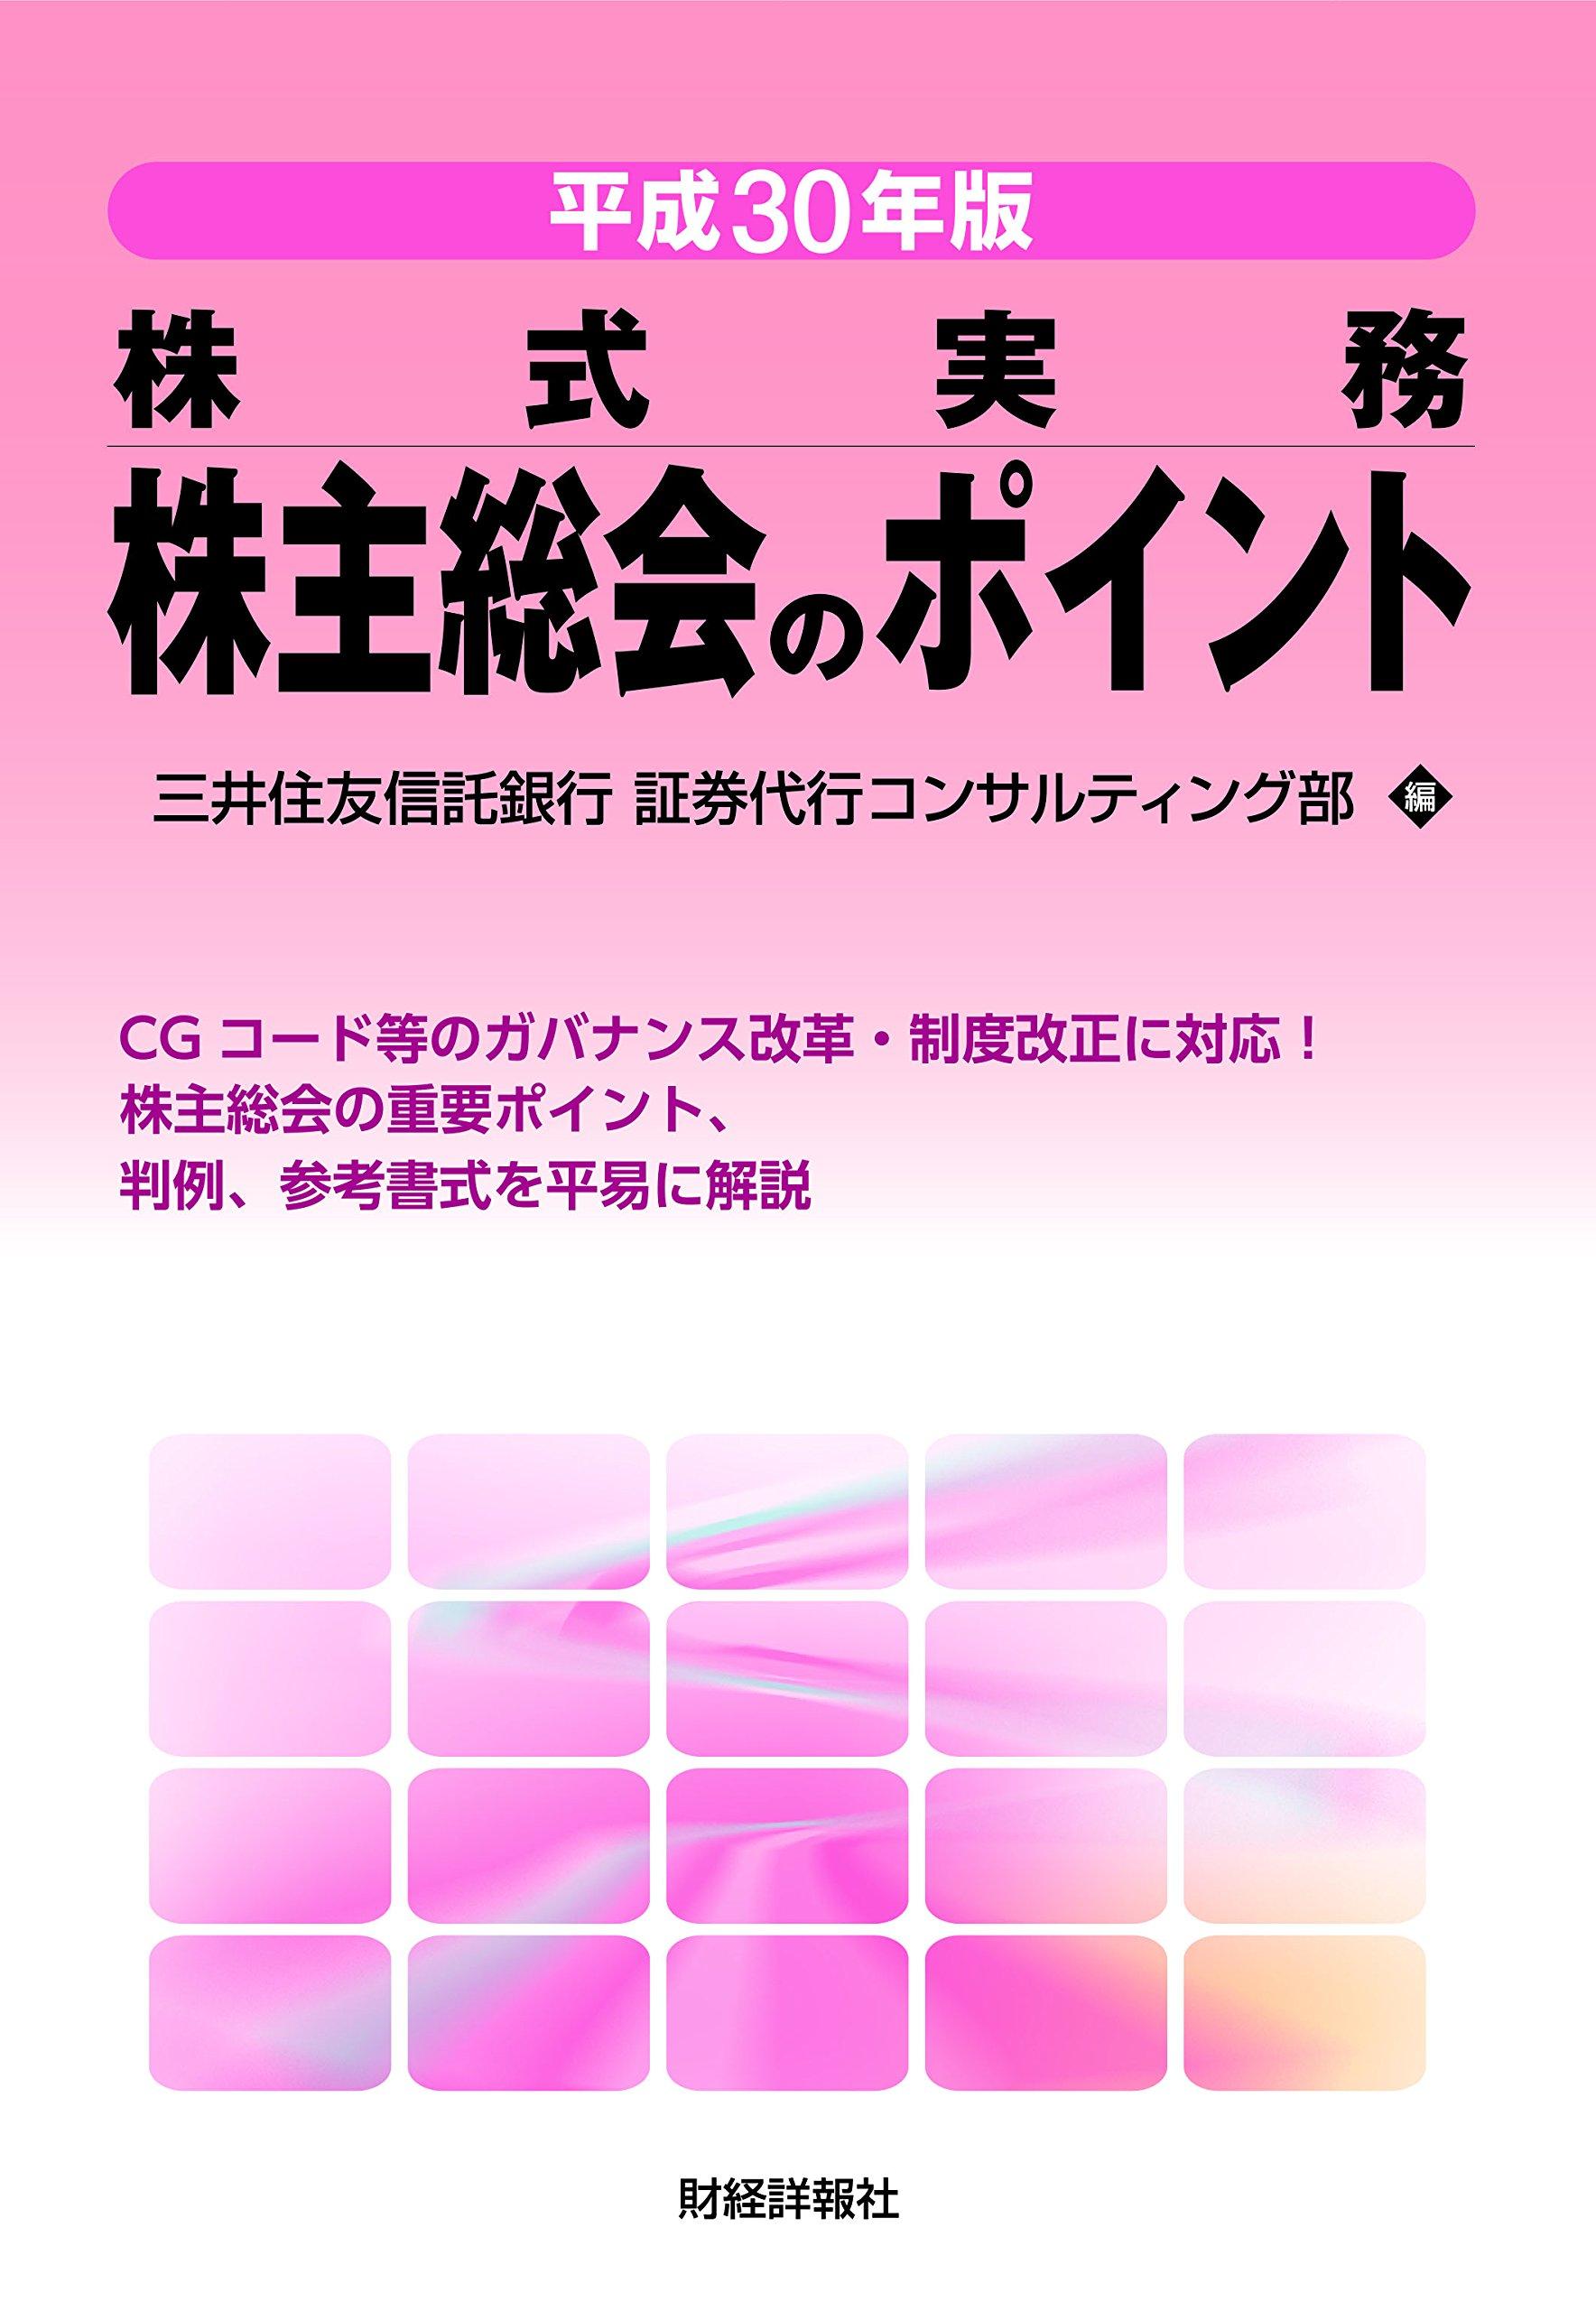 筑波銀行 銀行コード